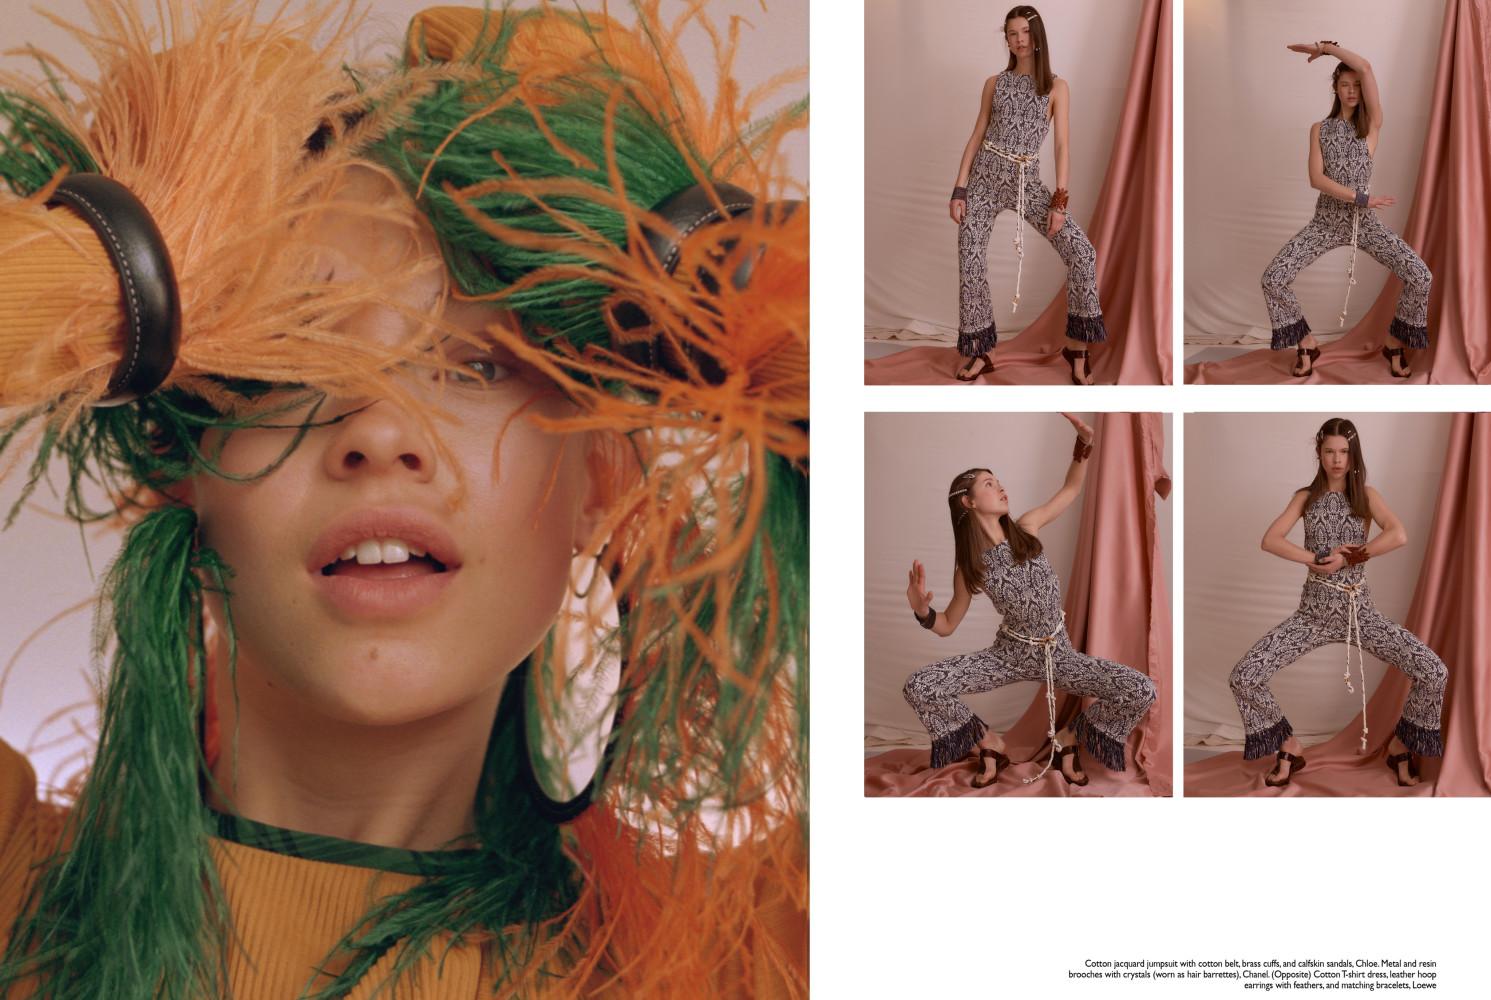 Iris for Female Magazine